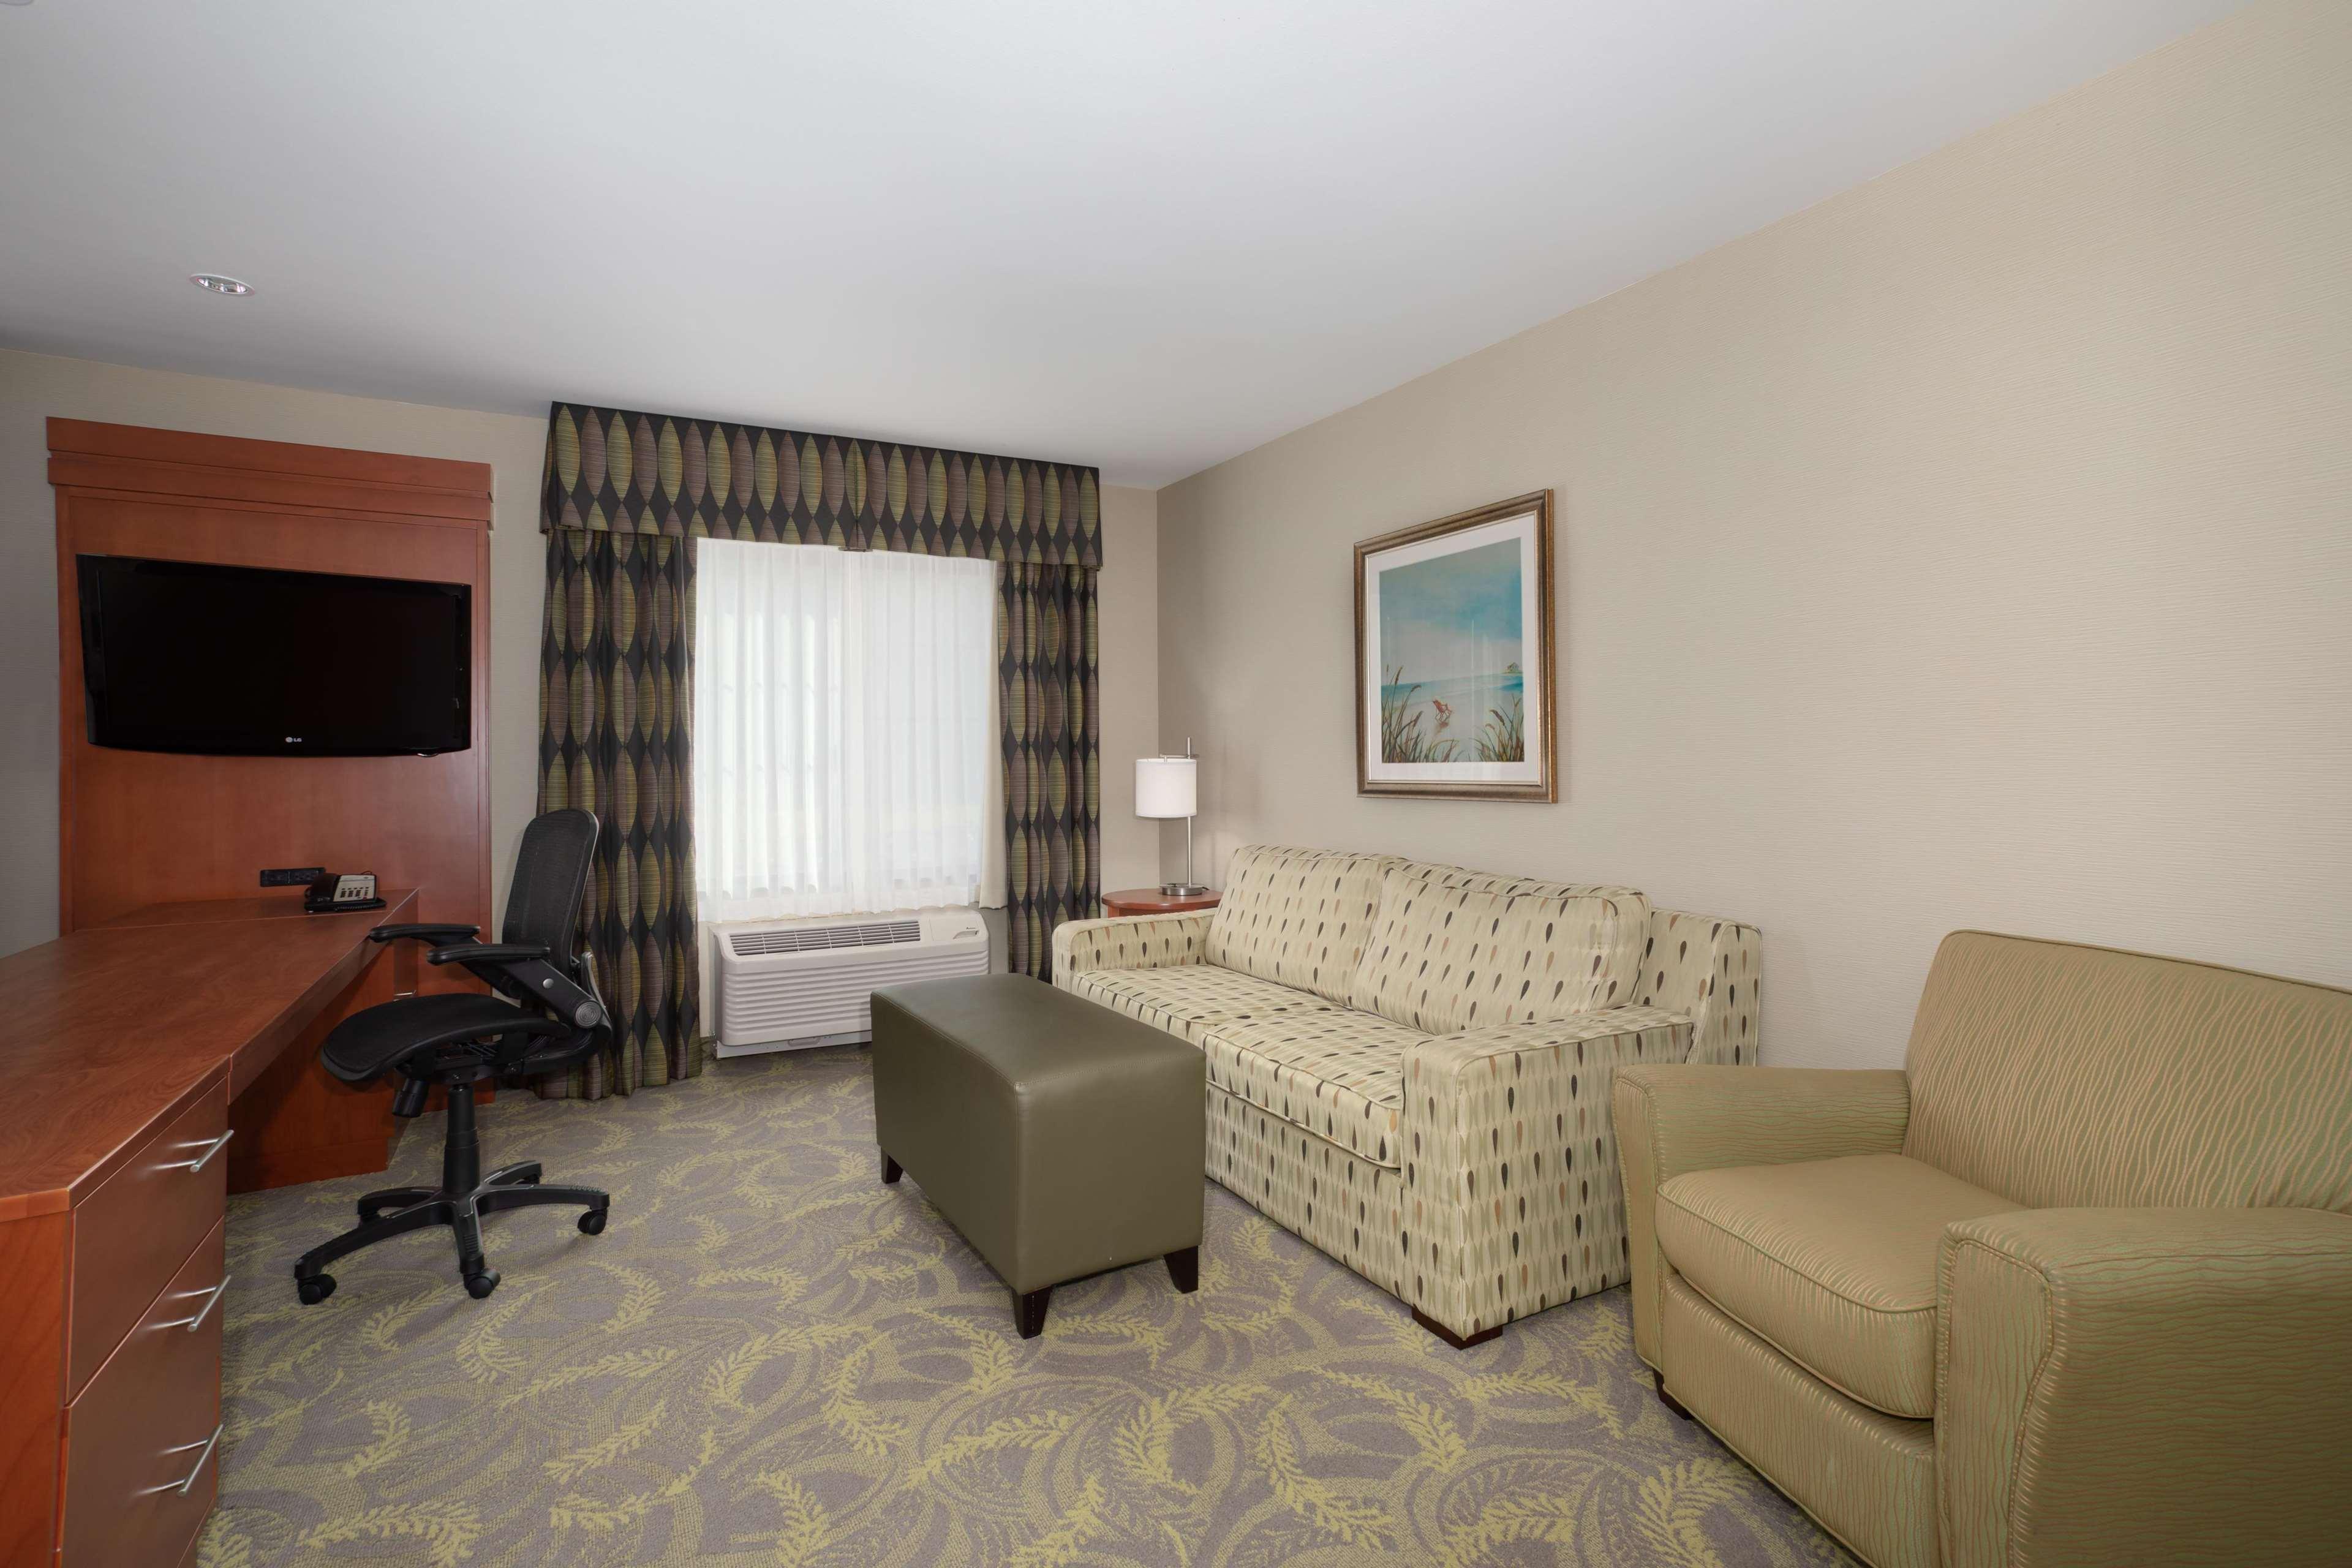 Hampton Inn & Suites Astoria image 16